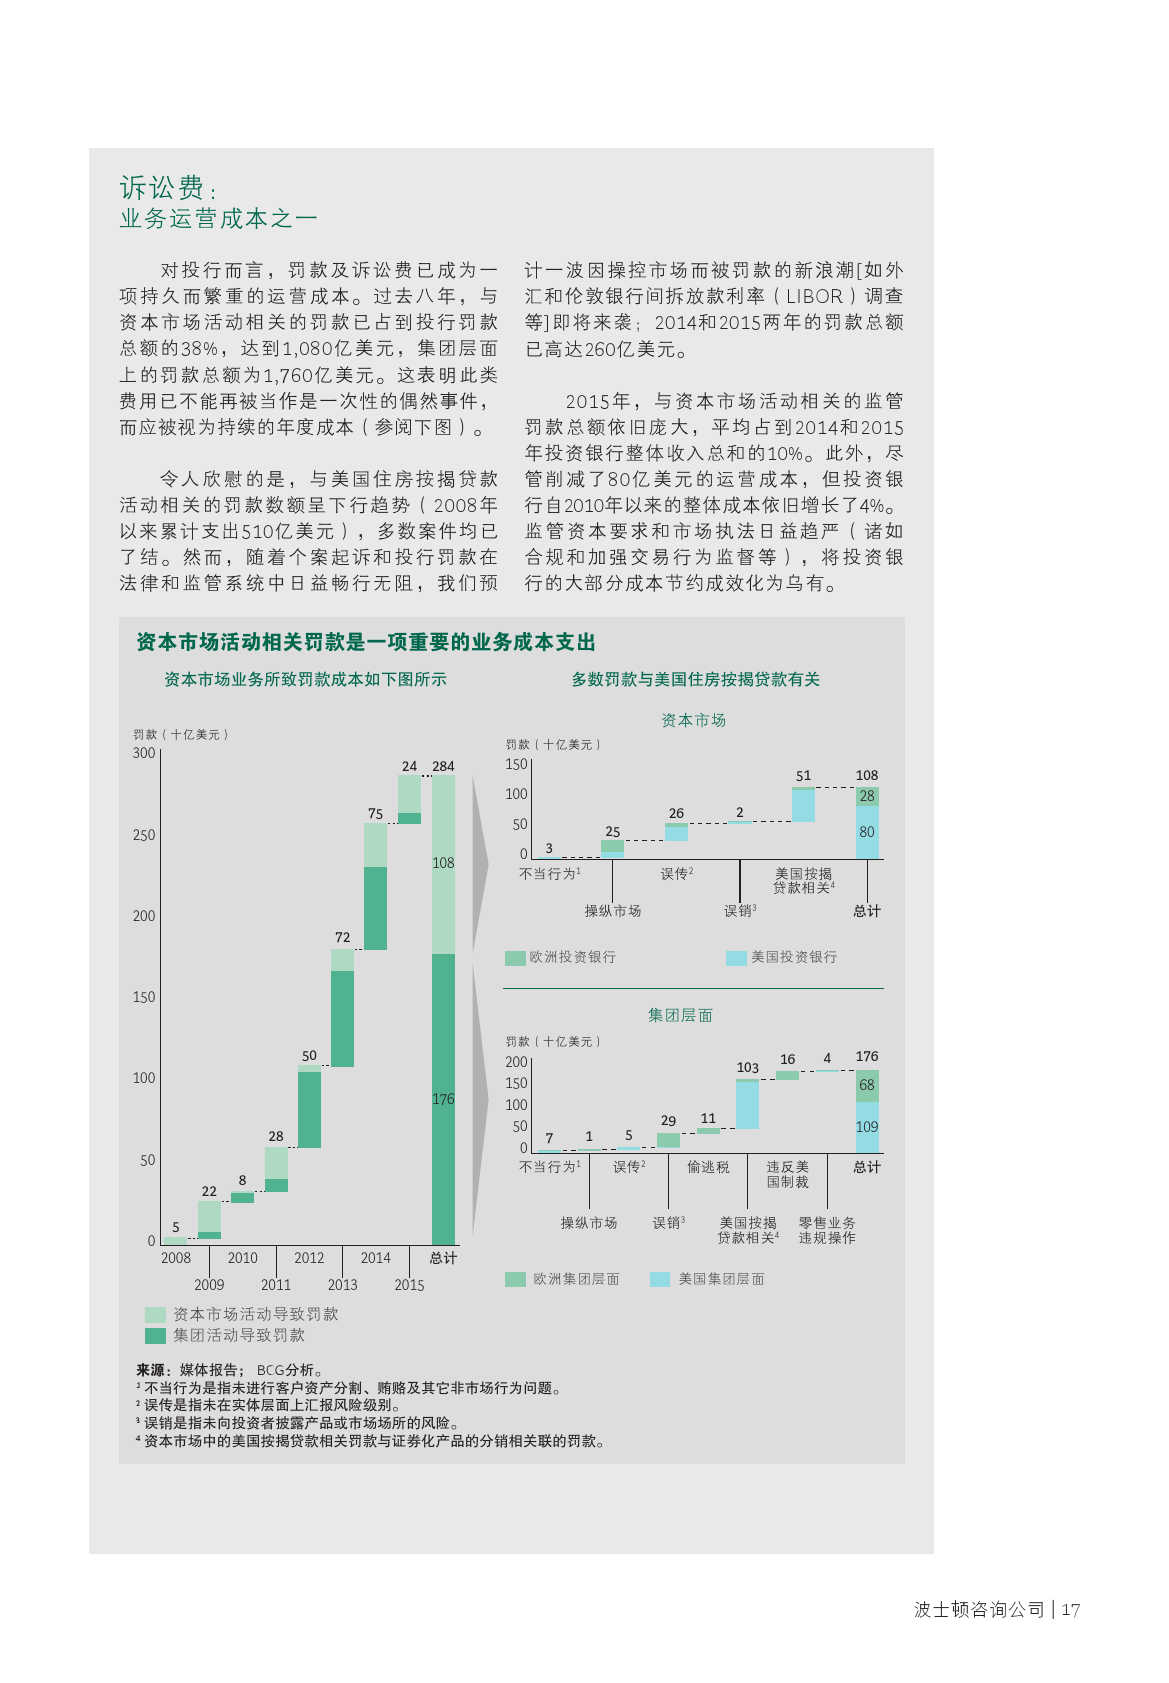 2016年全球资本市场报告_000019